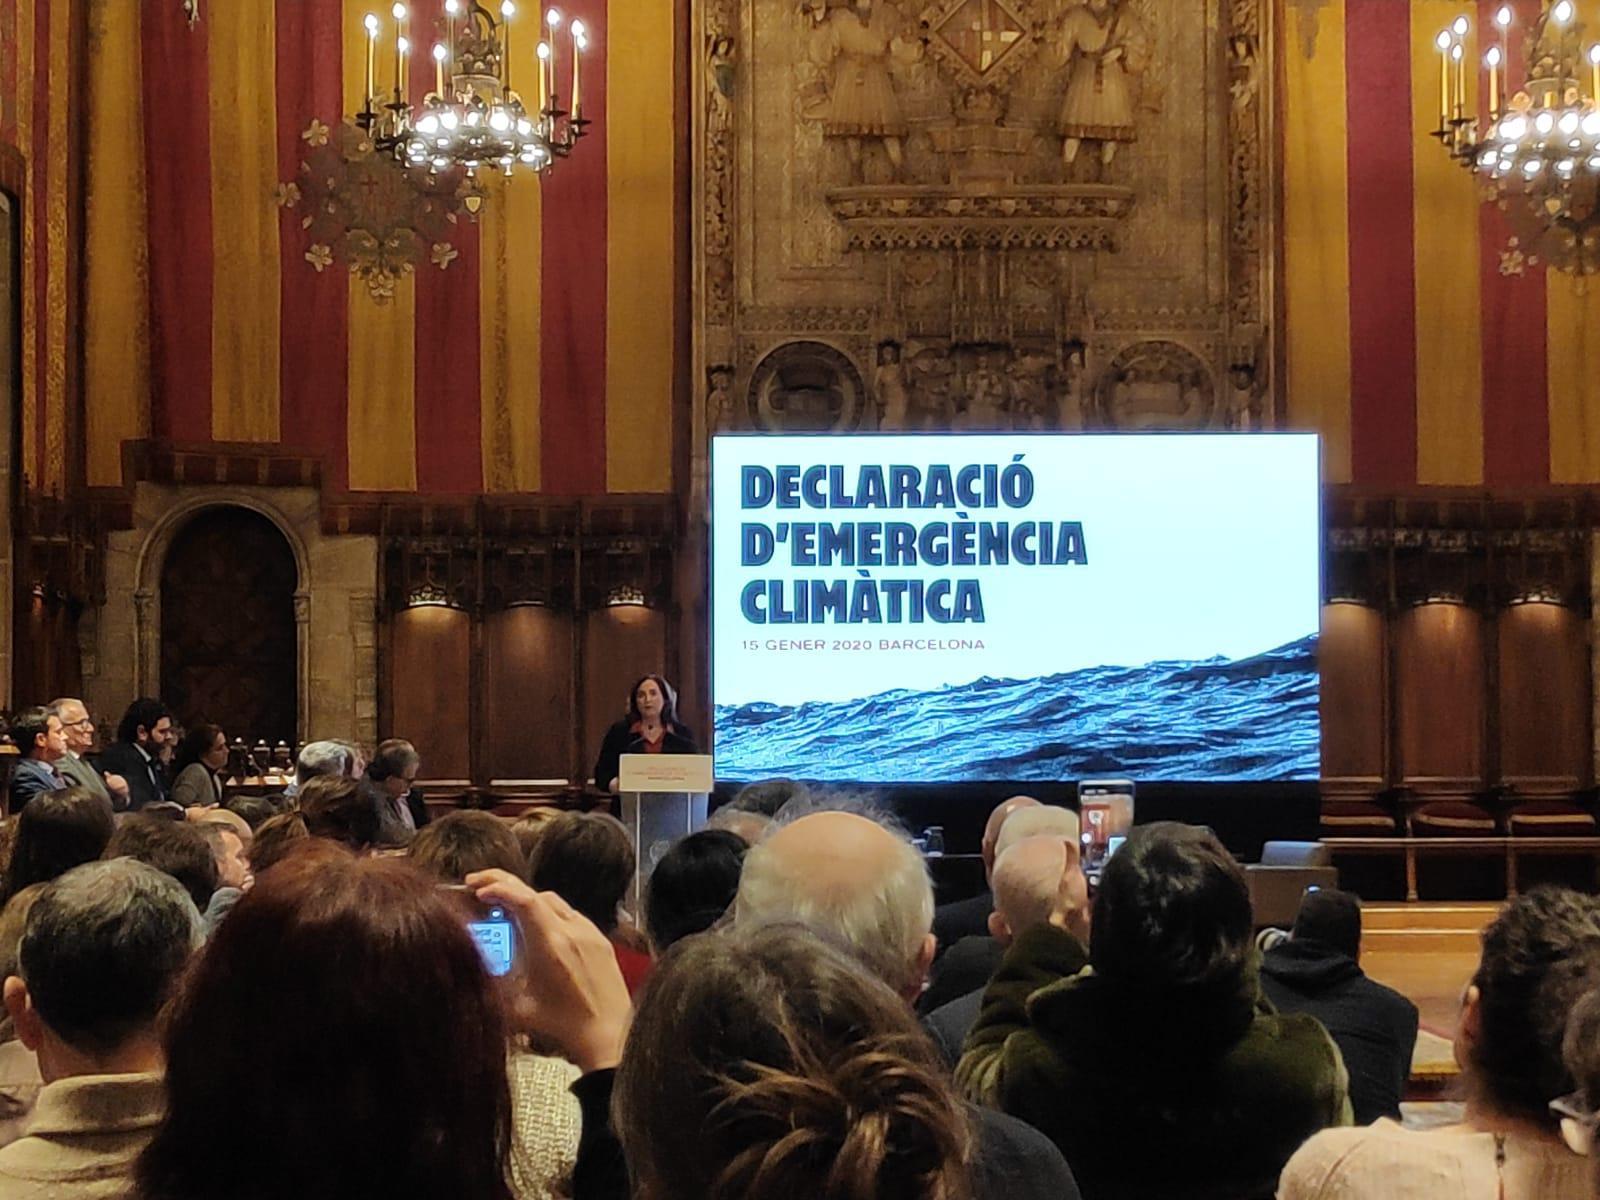 L'alcaldessa de Barcelona, Ada Colau, declarant l'emergència climàtica